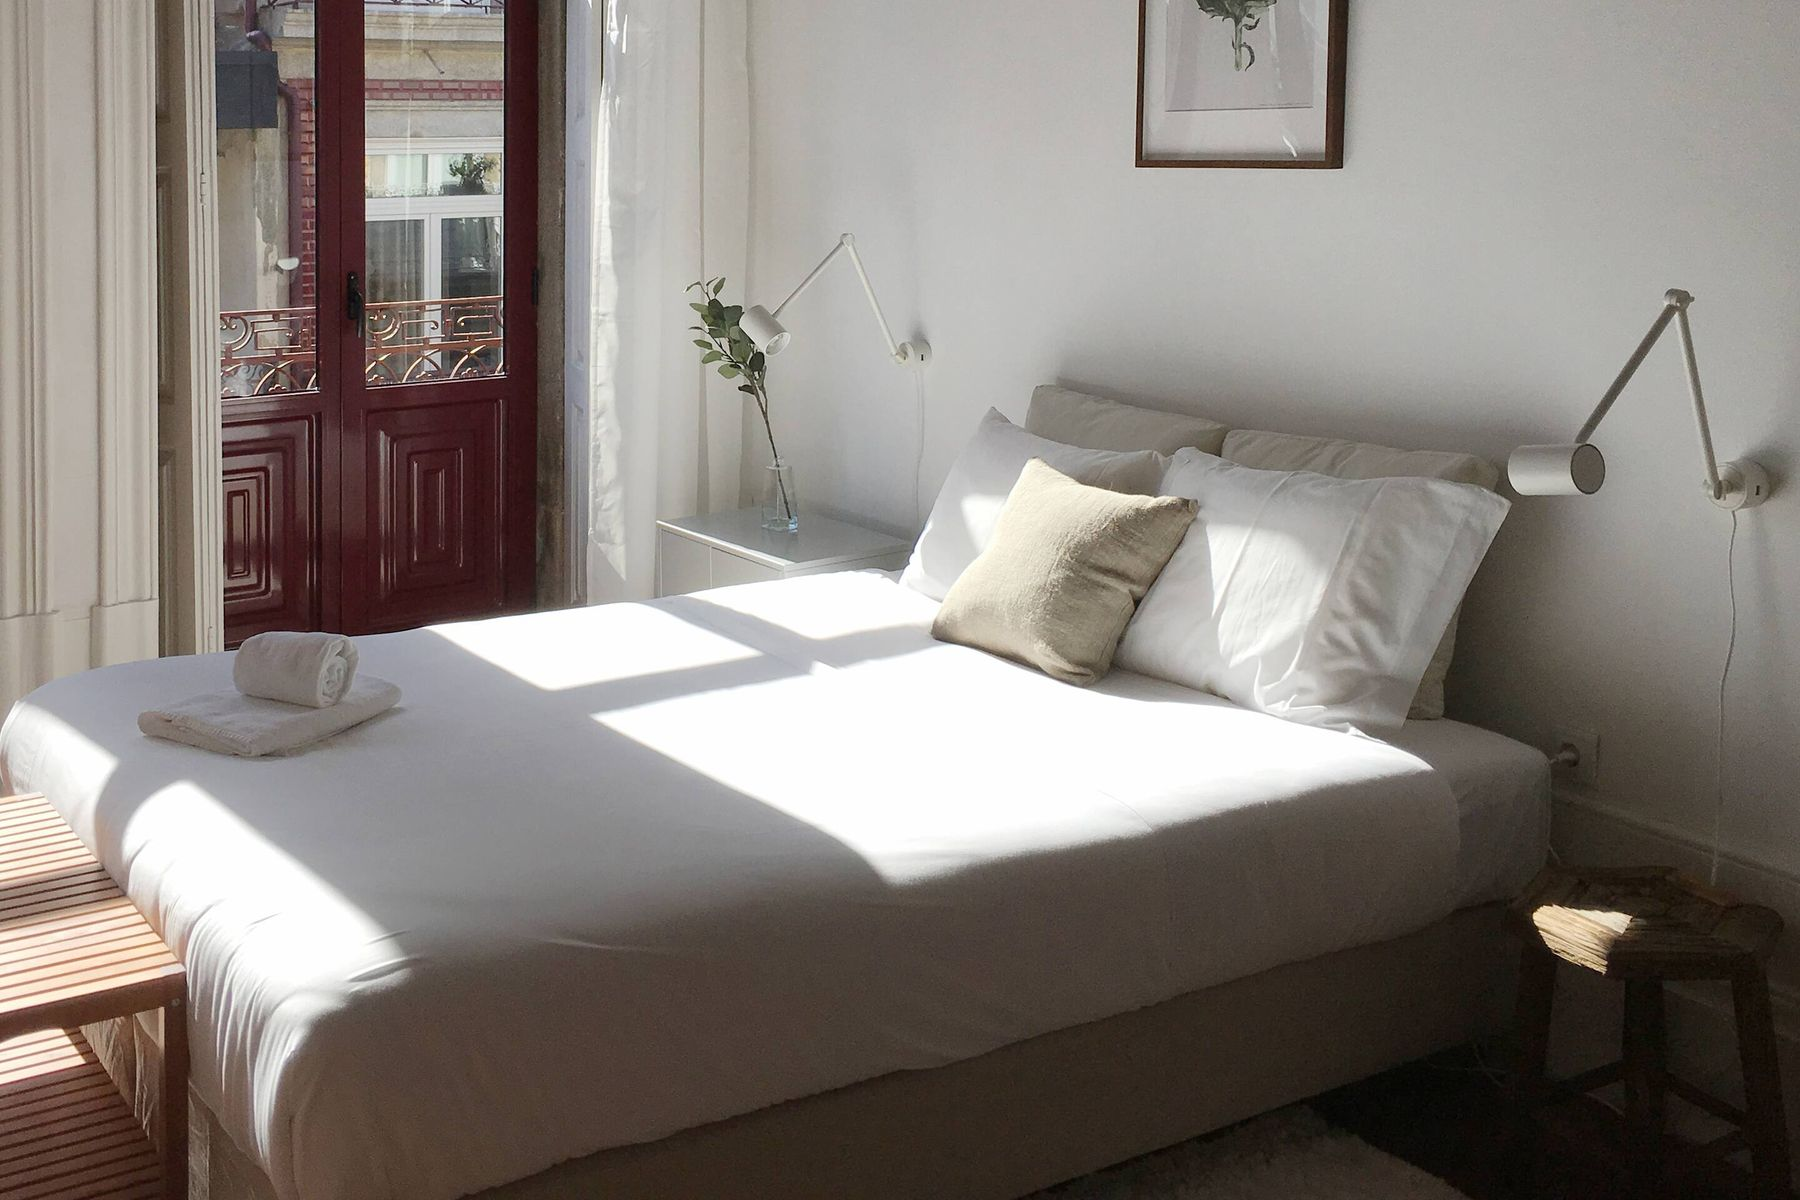 Temiz, aydınlık bir yatak odası